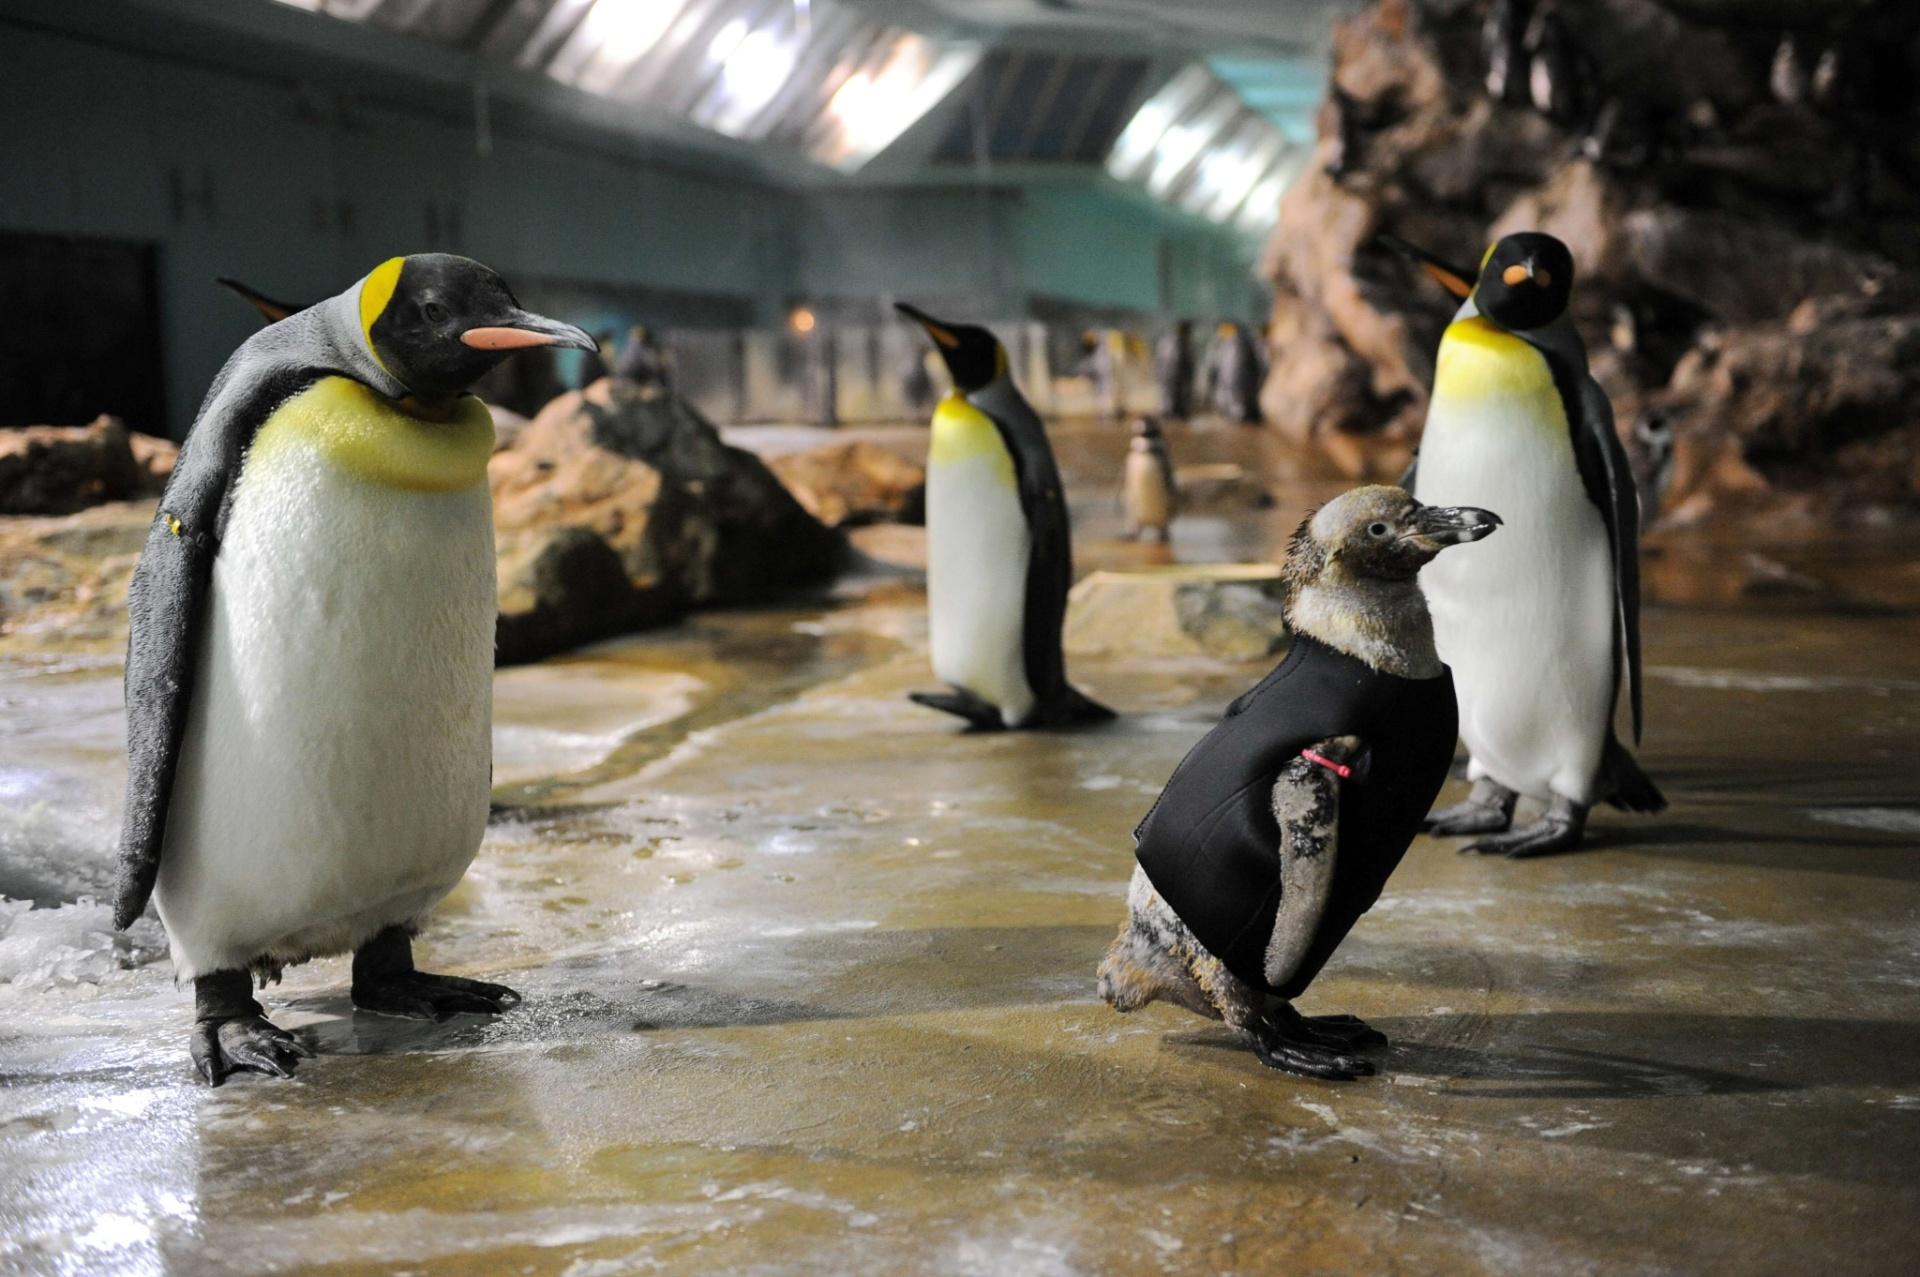 17.jan.2017 - Um pinguim sem penas ganhou um casaco para se aquecer no parque Jurong Bird, em Singapura, no mês de abril de 2011. O animal de 10 anos sofre com a perda contínua das penas desde 2010 e está sendo tratado por veterinários especializados que criaram a blusa para aquecer o pinguim